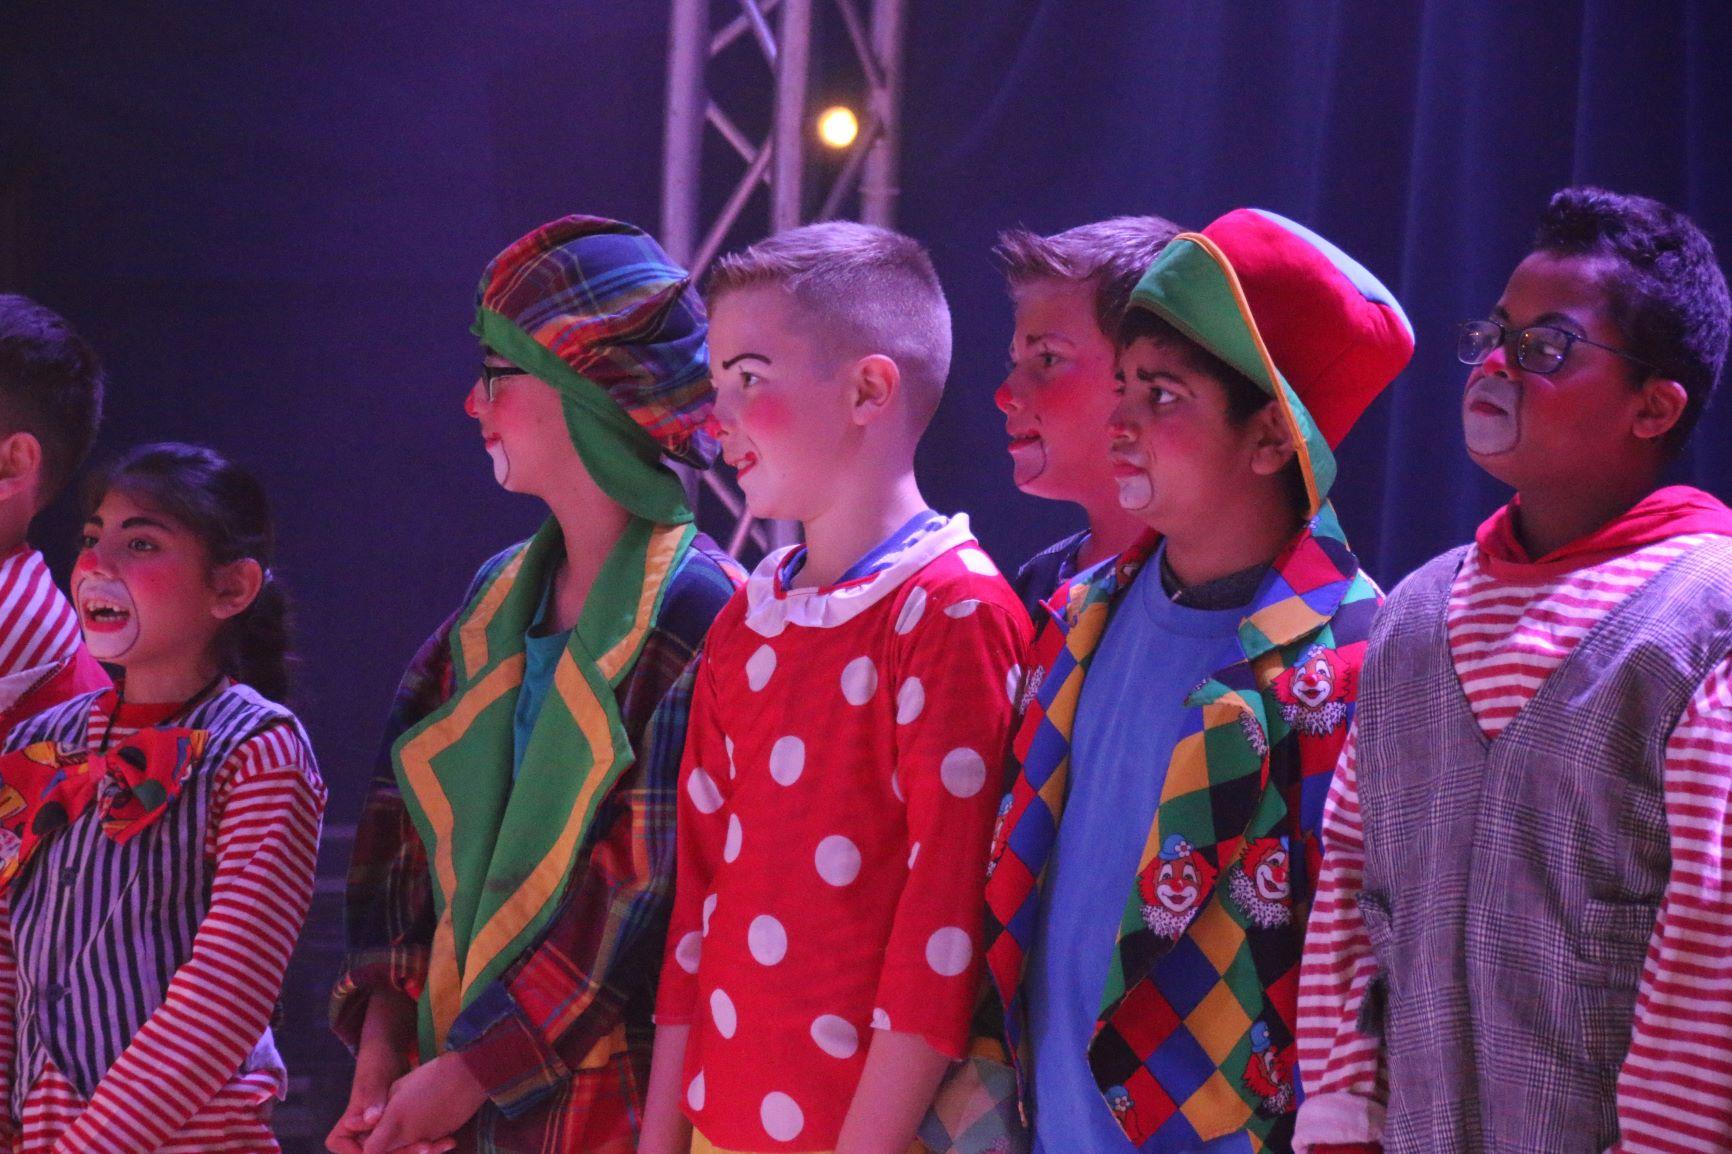 Zirkus1